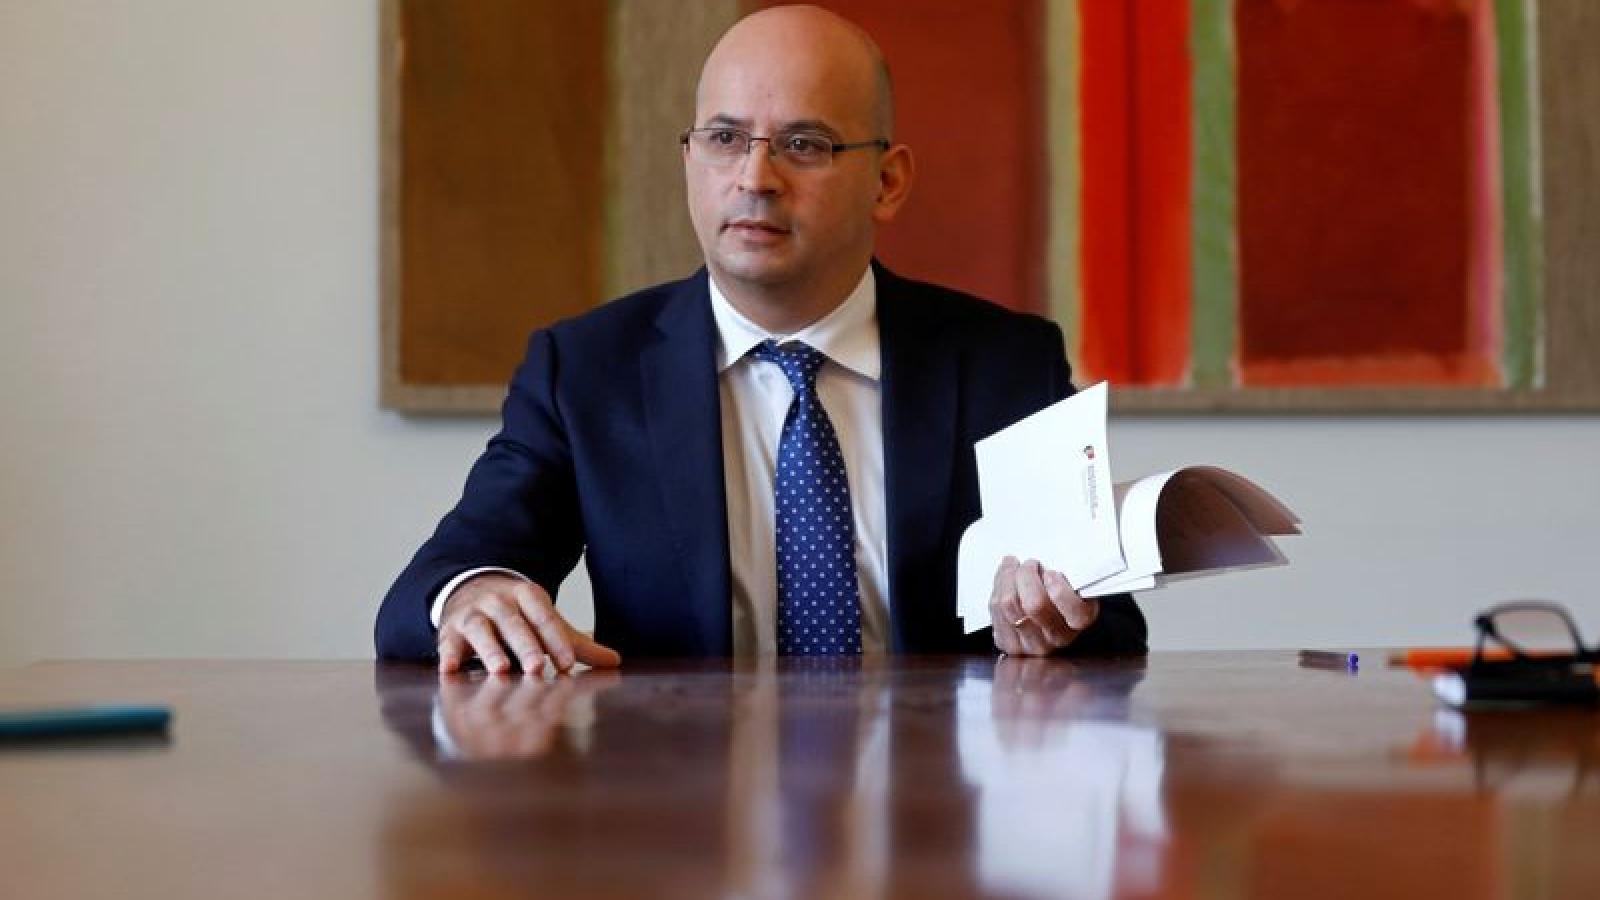 Bộ trưởng Tài chính Bồ Đào Nha dương tính với SARS-CoV-2sau cuộc họp EU